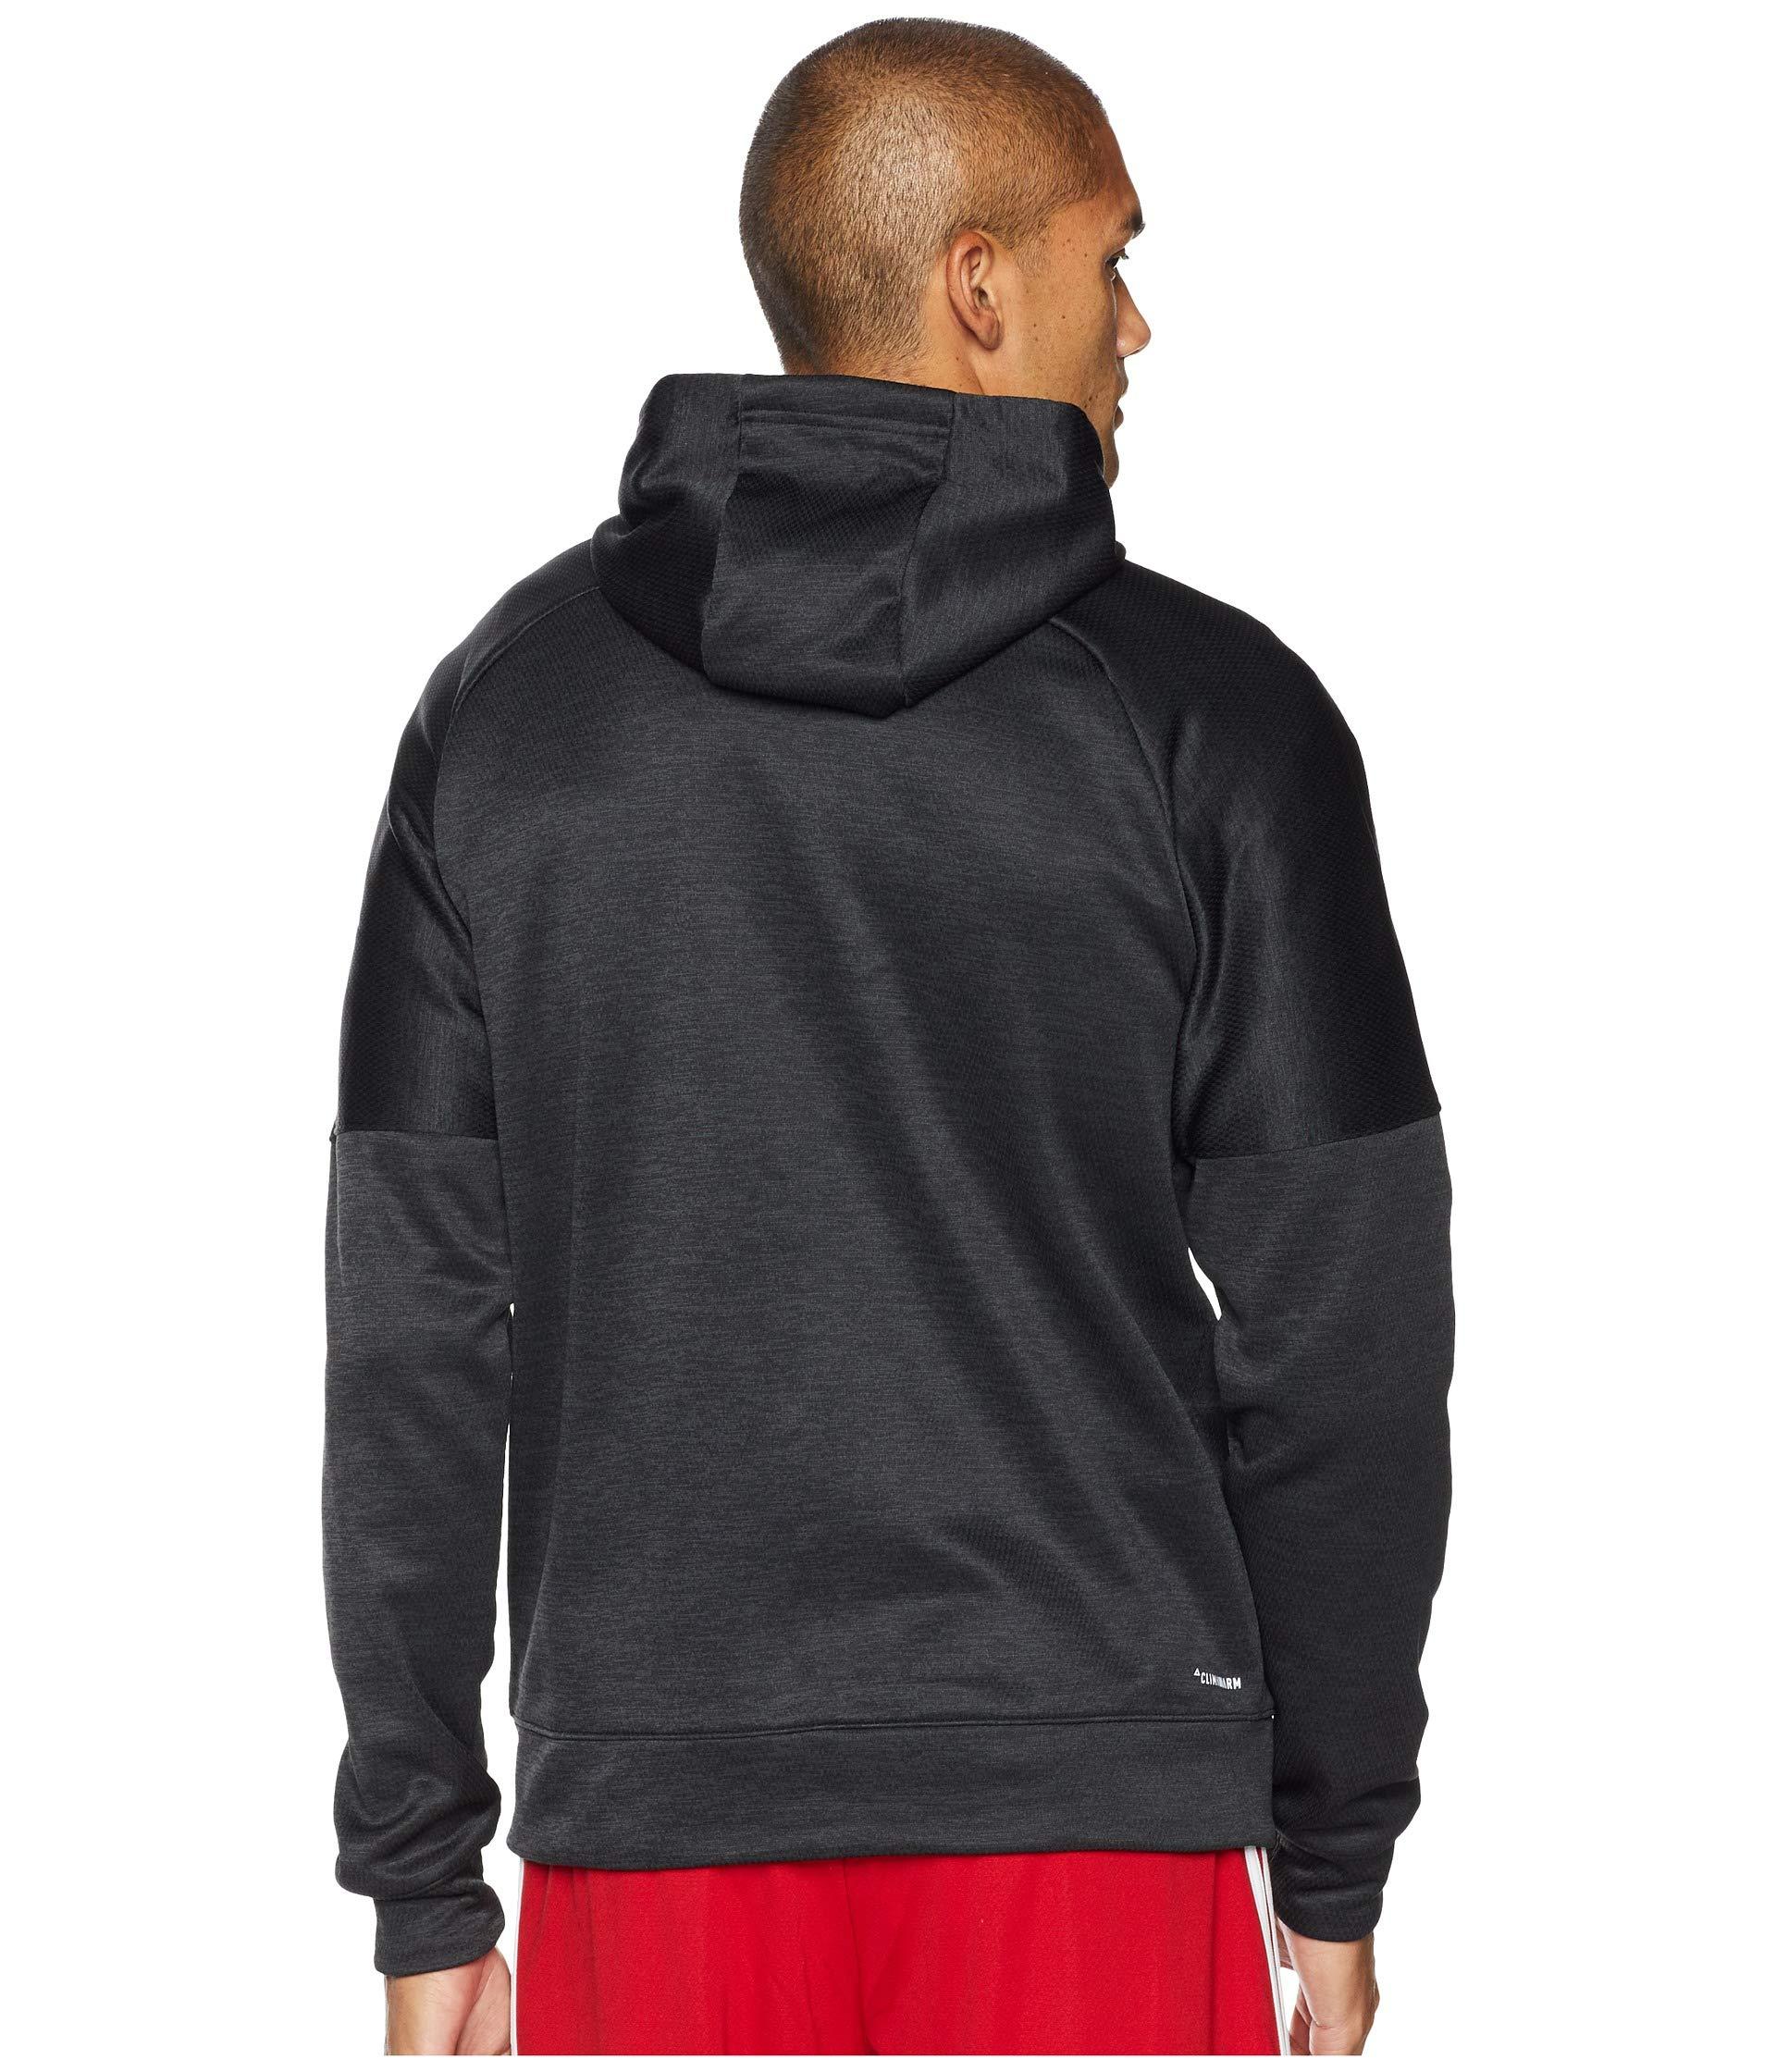 Fleece Team Adidas Full Zip Issue Black Hoodie nIWWBdS